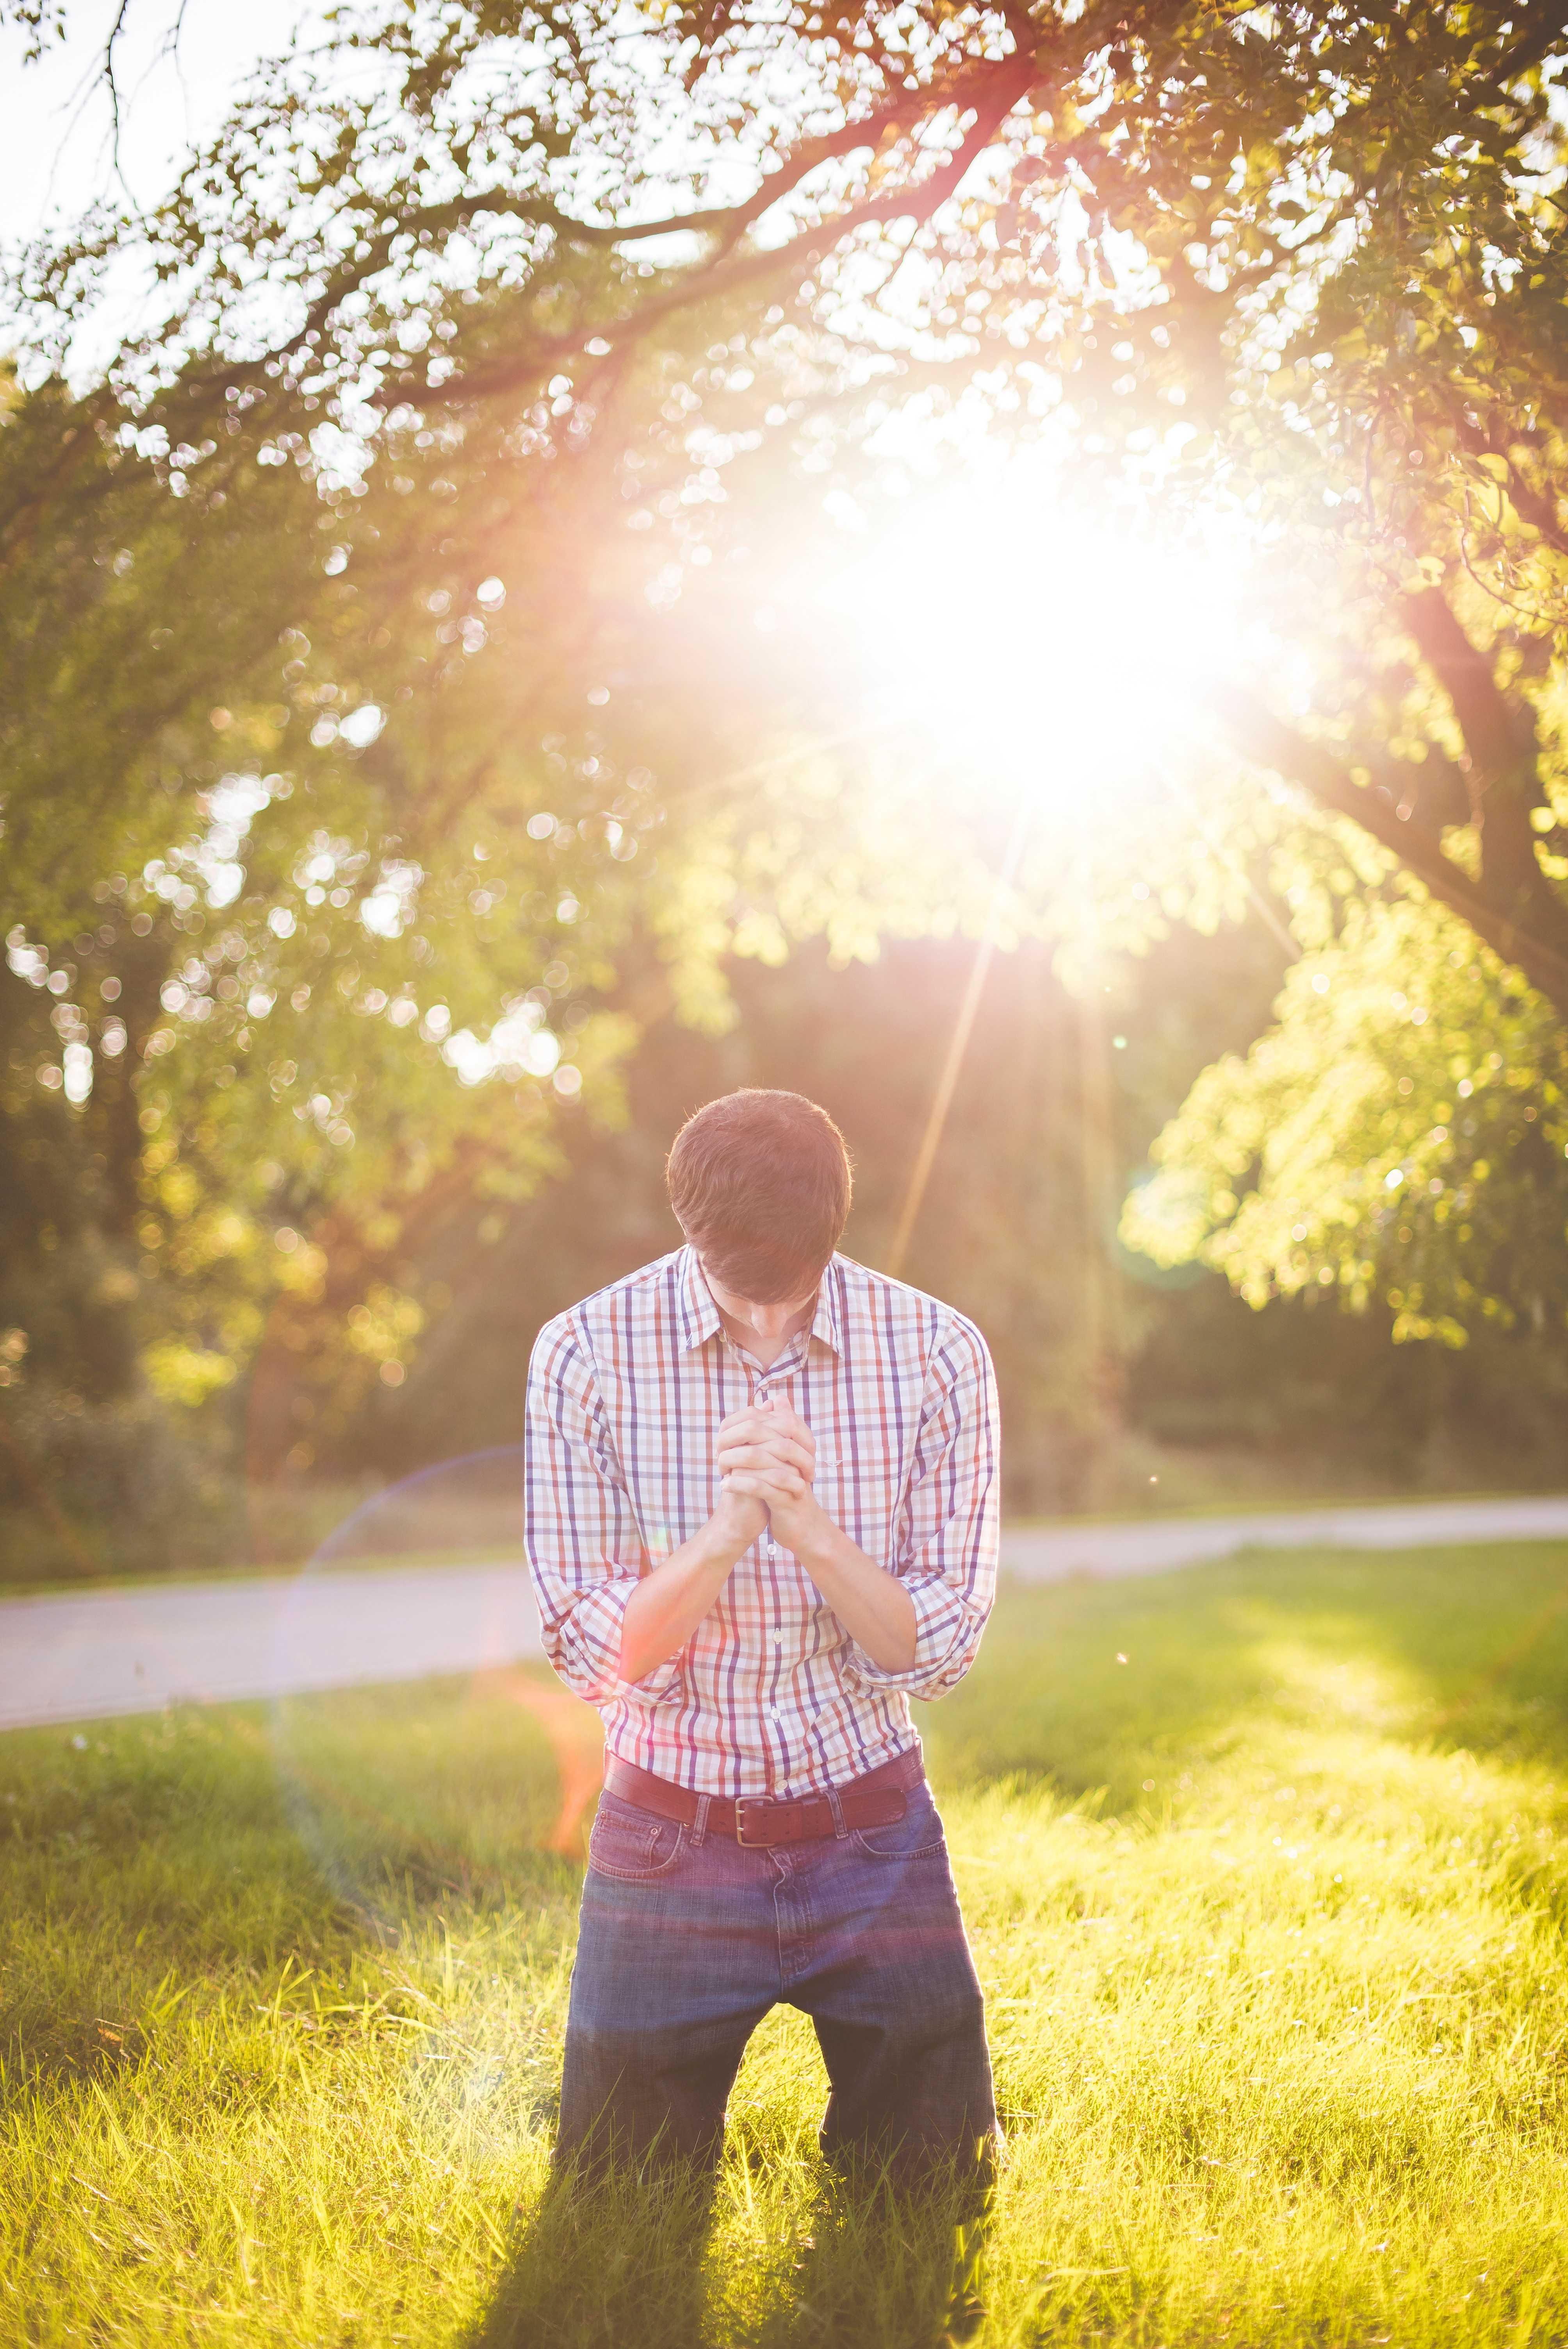 КАК С ПОМОЩЬ МАГИИ ПРИВЛЕЧЬ УДАЧУ И ДЕНЬГИ В БИЗНЕС